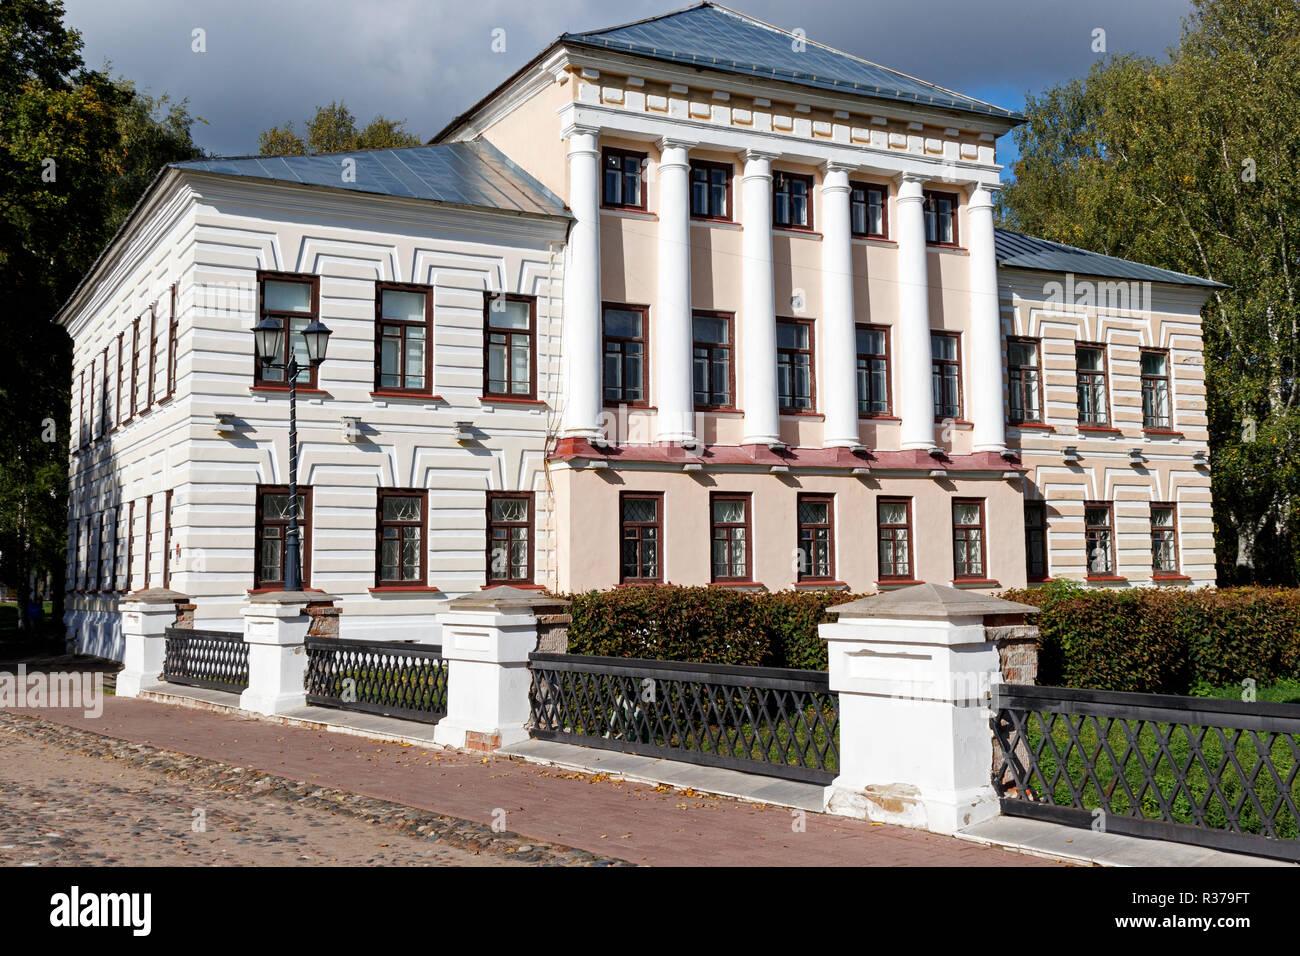 Il 1823 in stile classico Governors House in Uglich, Krasnojarsk, Russia settentrionale. Ora un museo e galleria. Immagini Stock